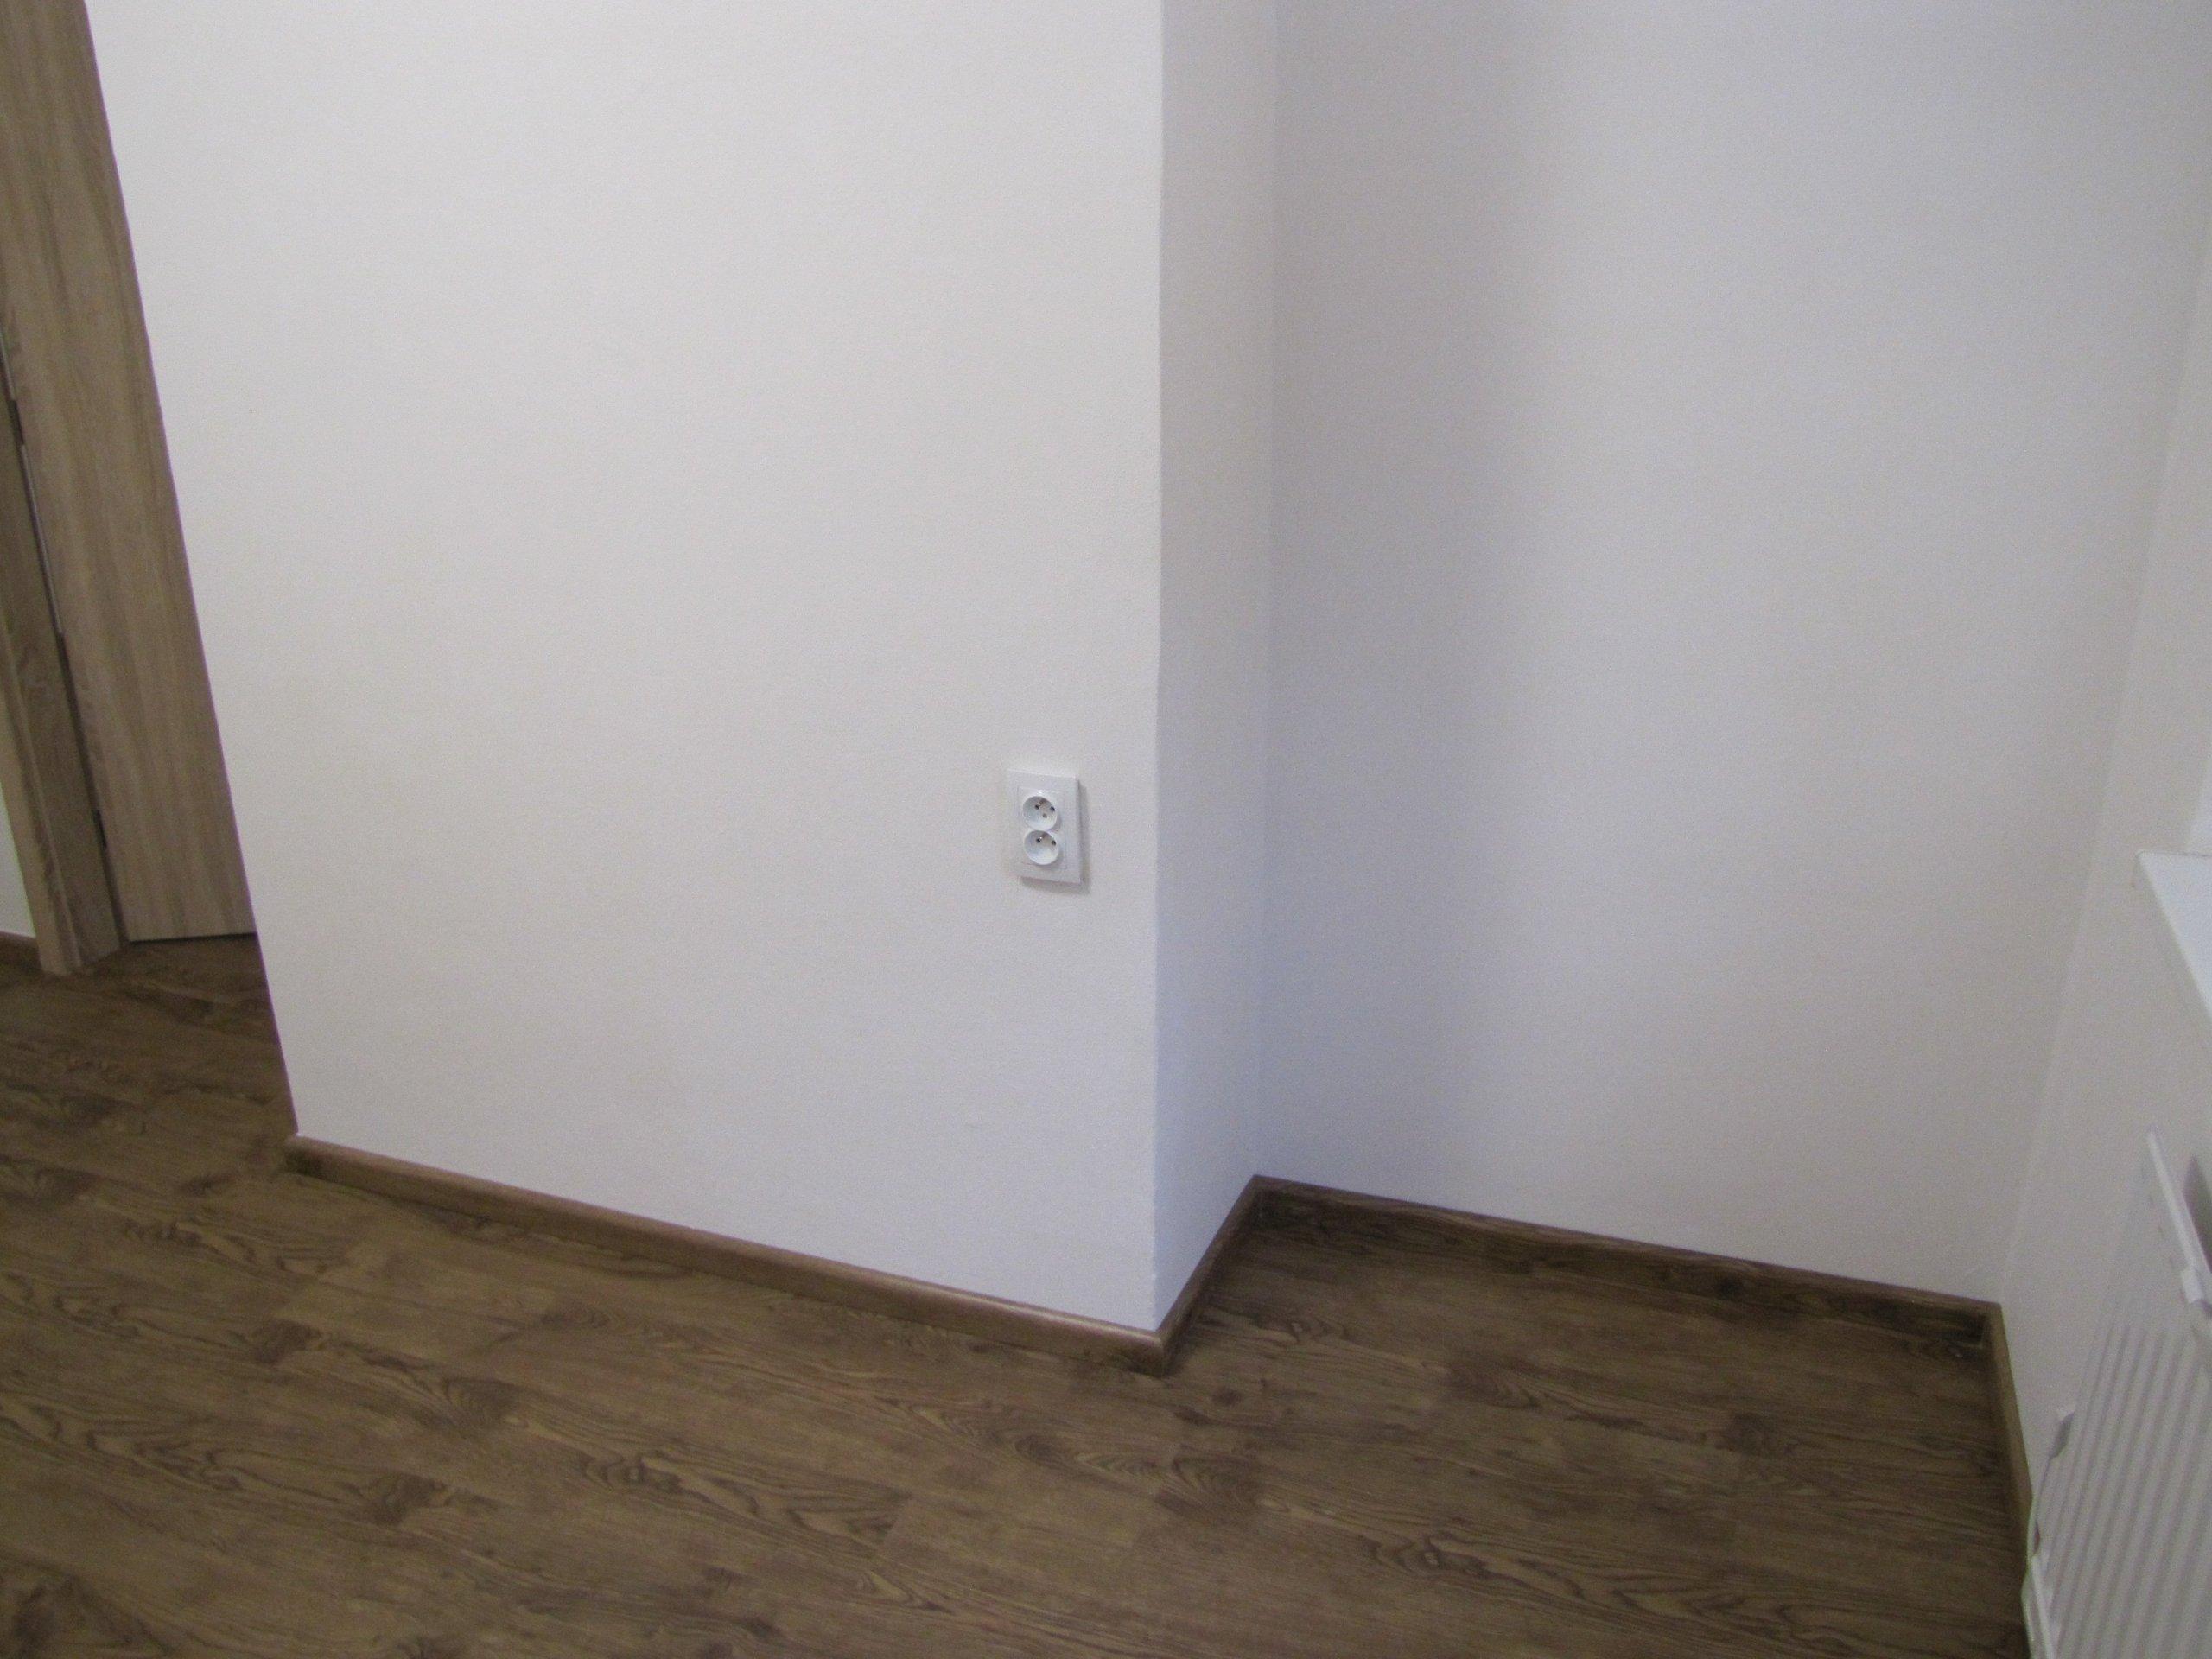 Vinylová podlaha doplněná soklovými lištami v dekoru podlahy - BUKOMA PROFI-60